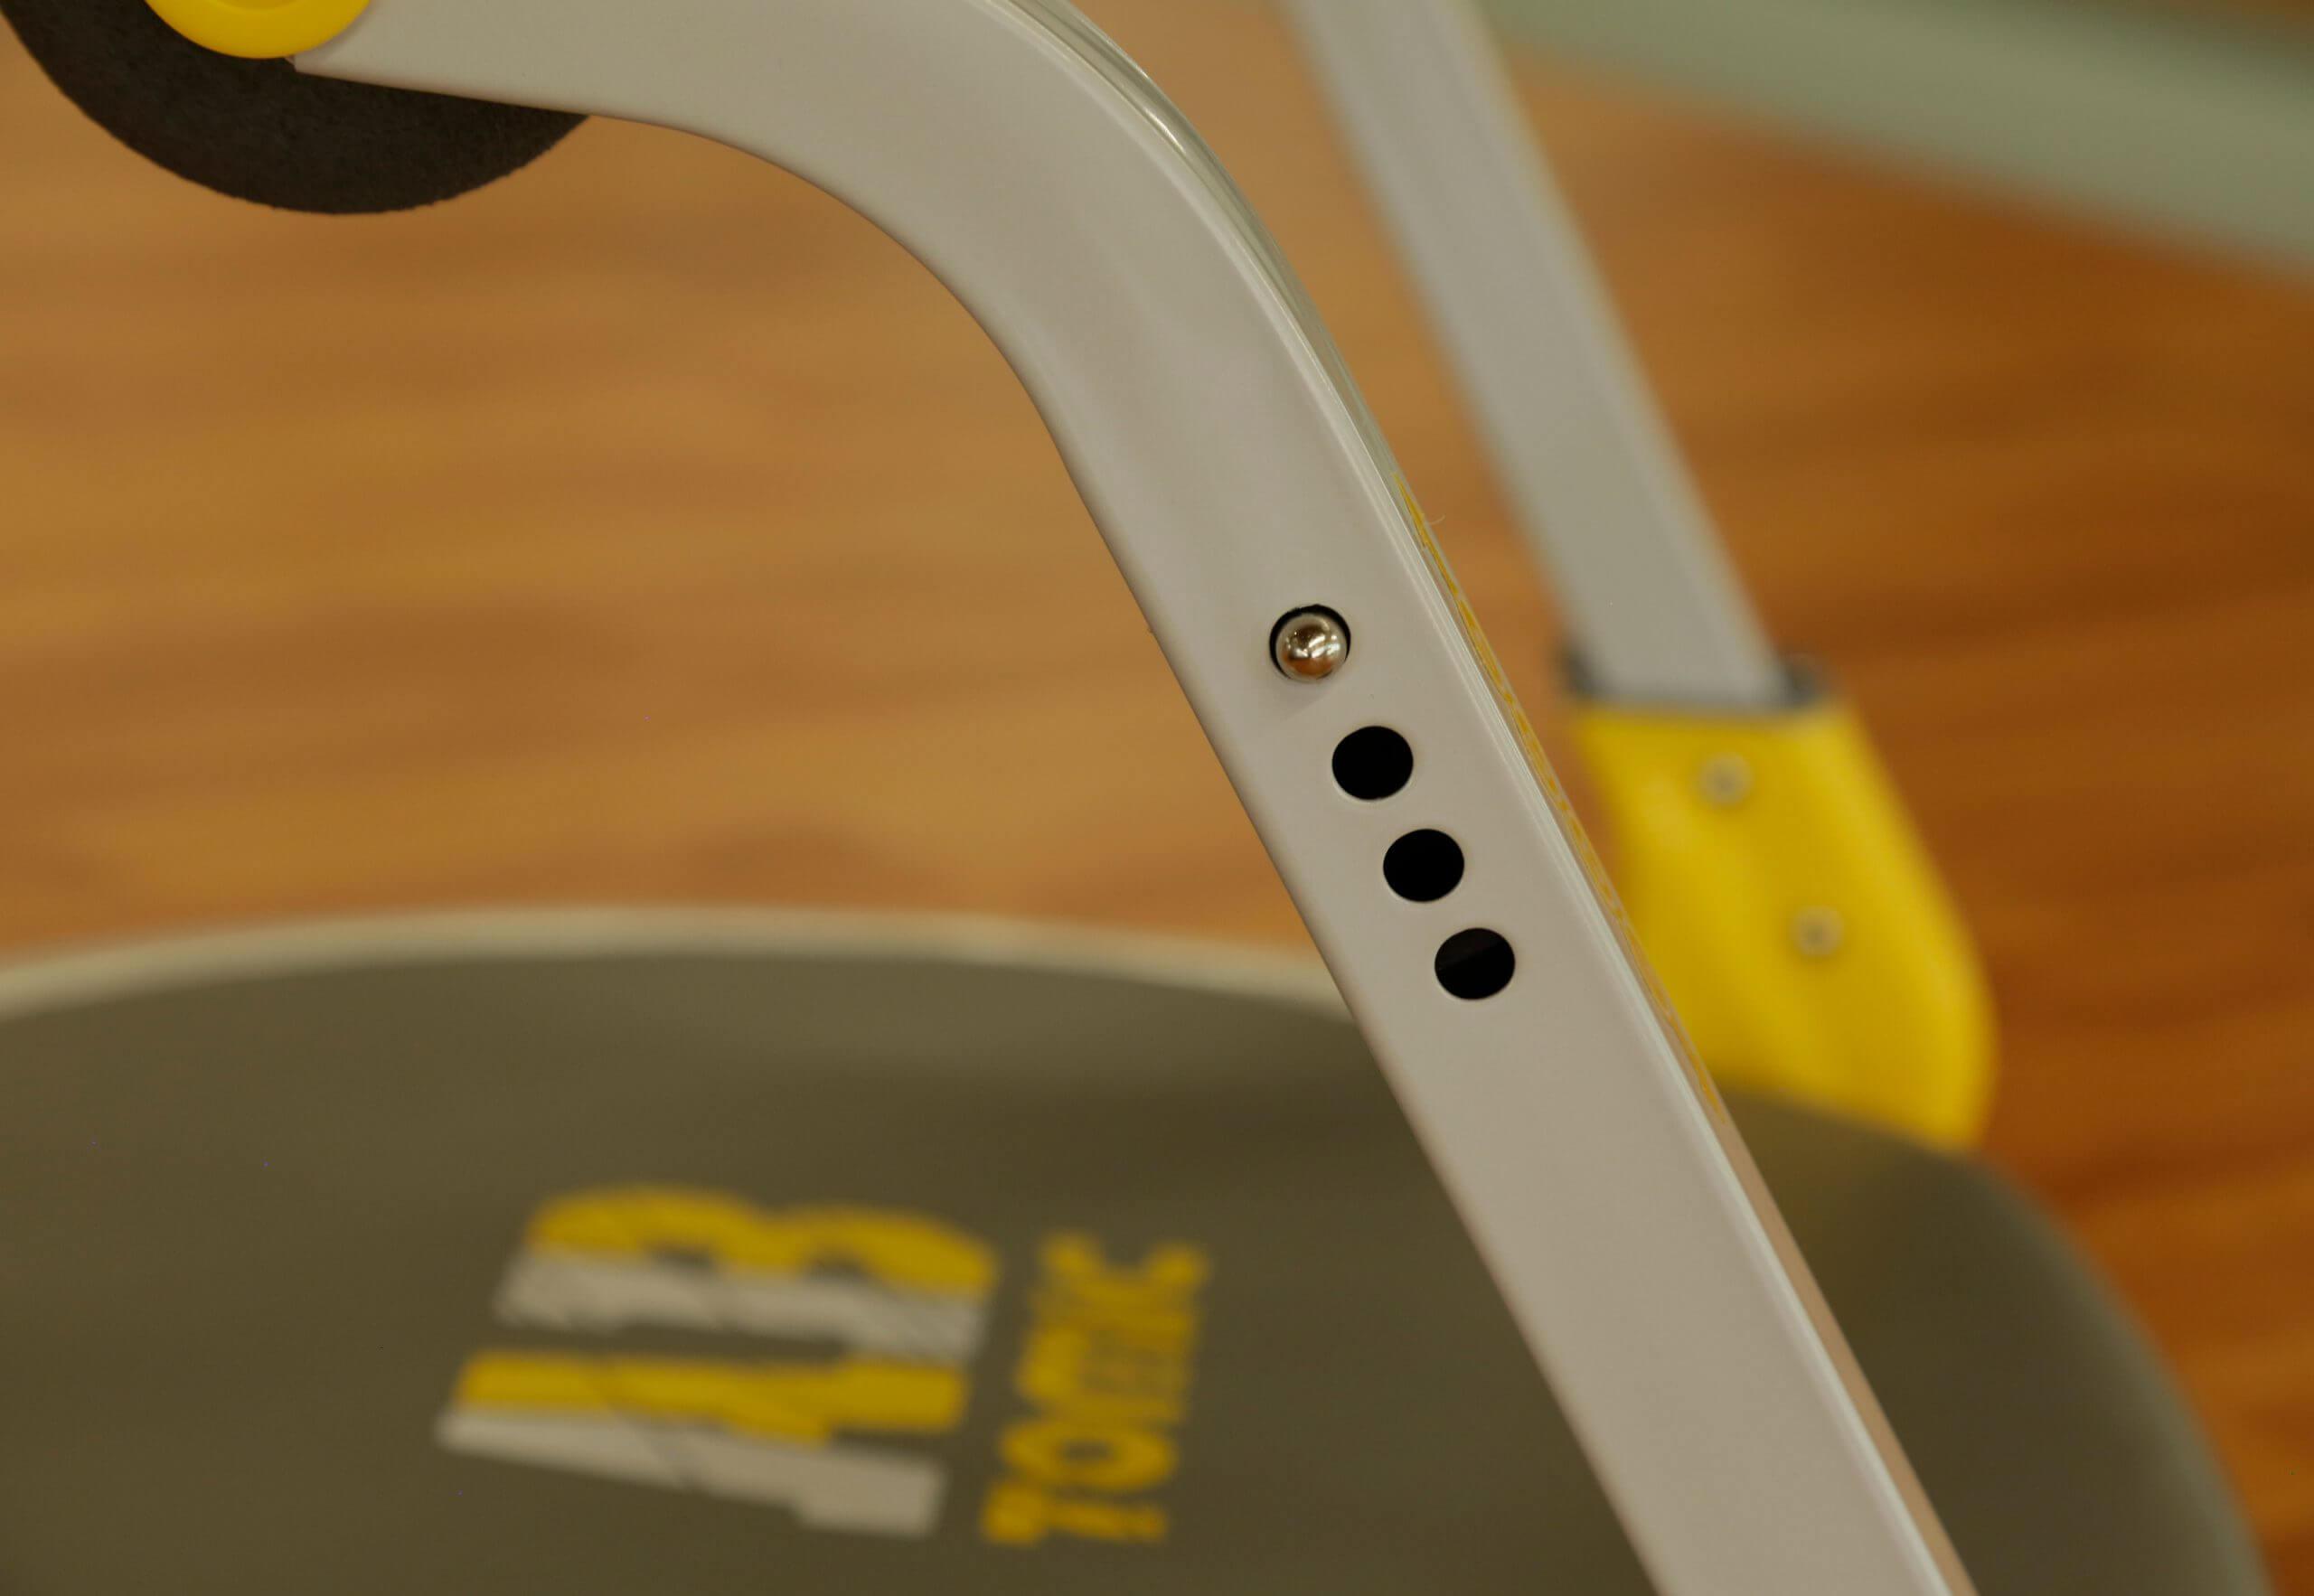 Niveles de resistencia en el aparato de ejercicio Ab Tomic.